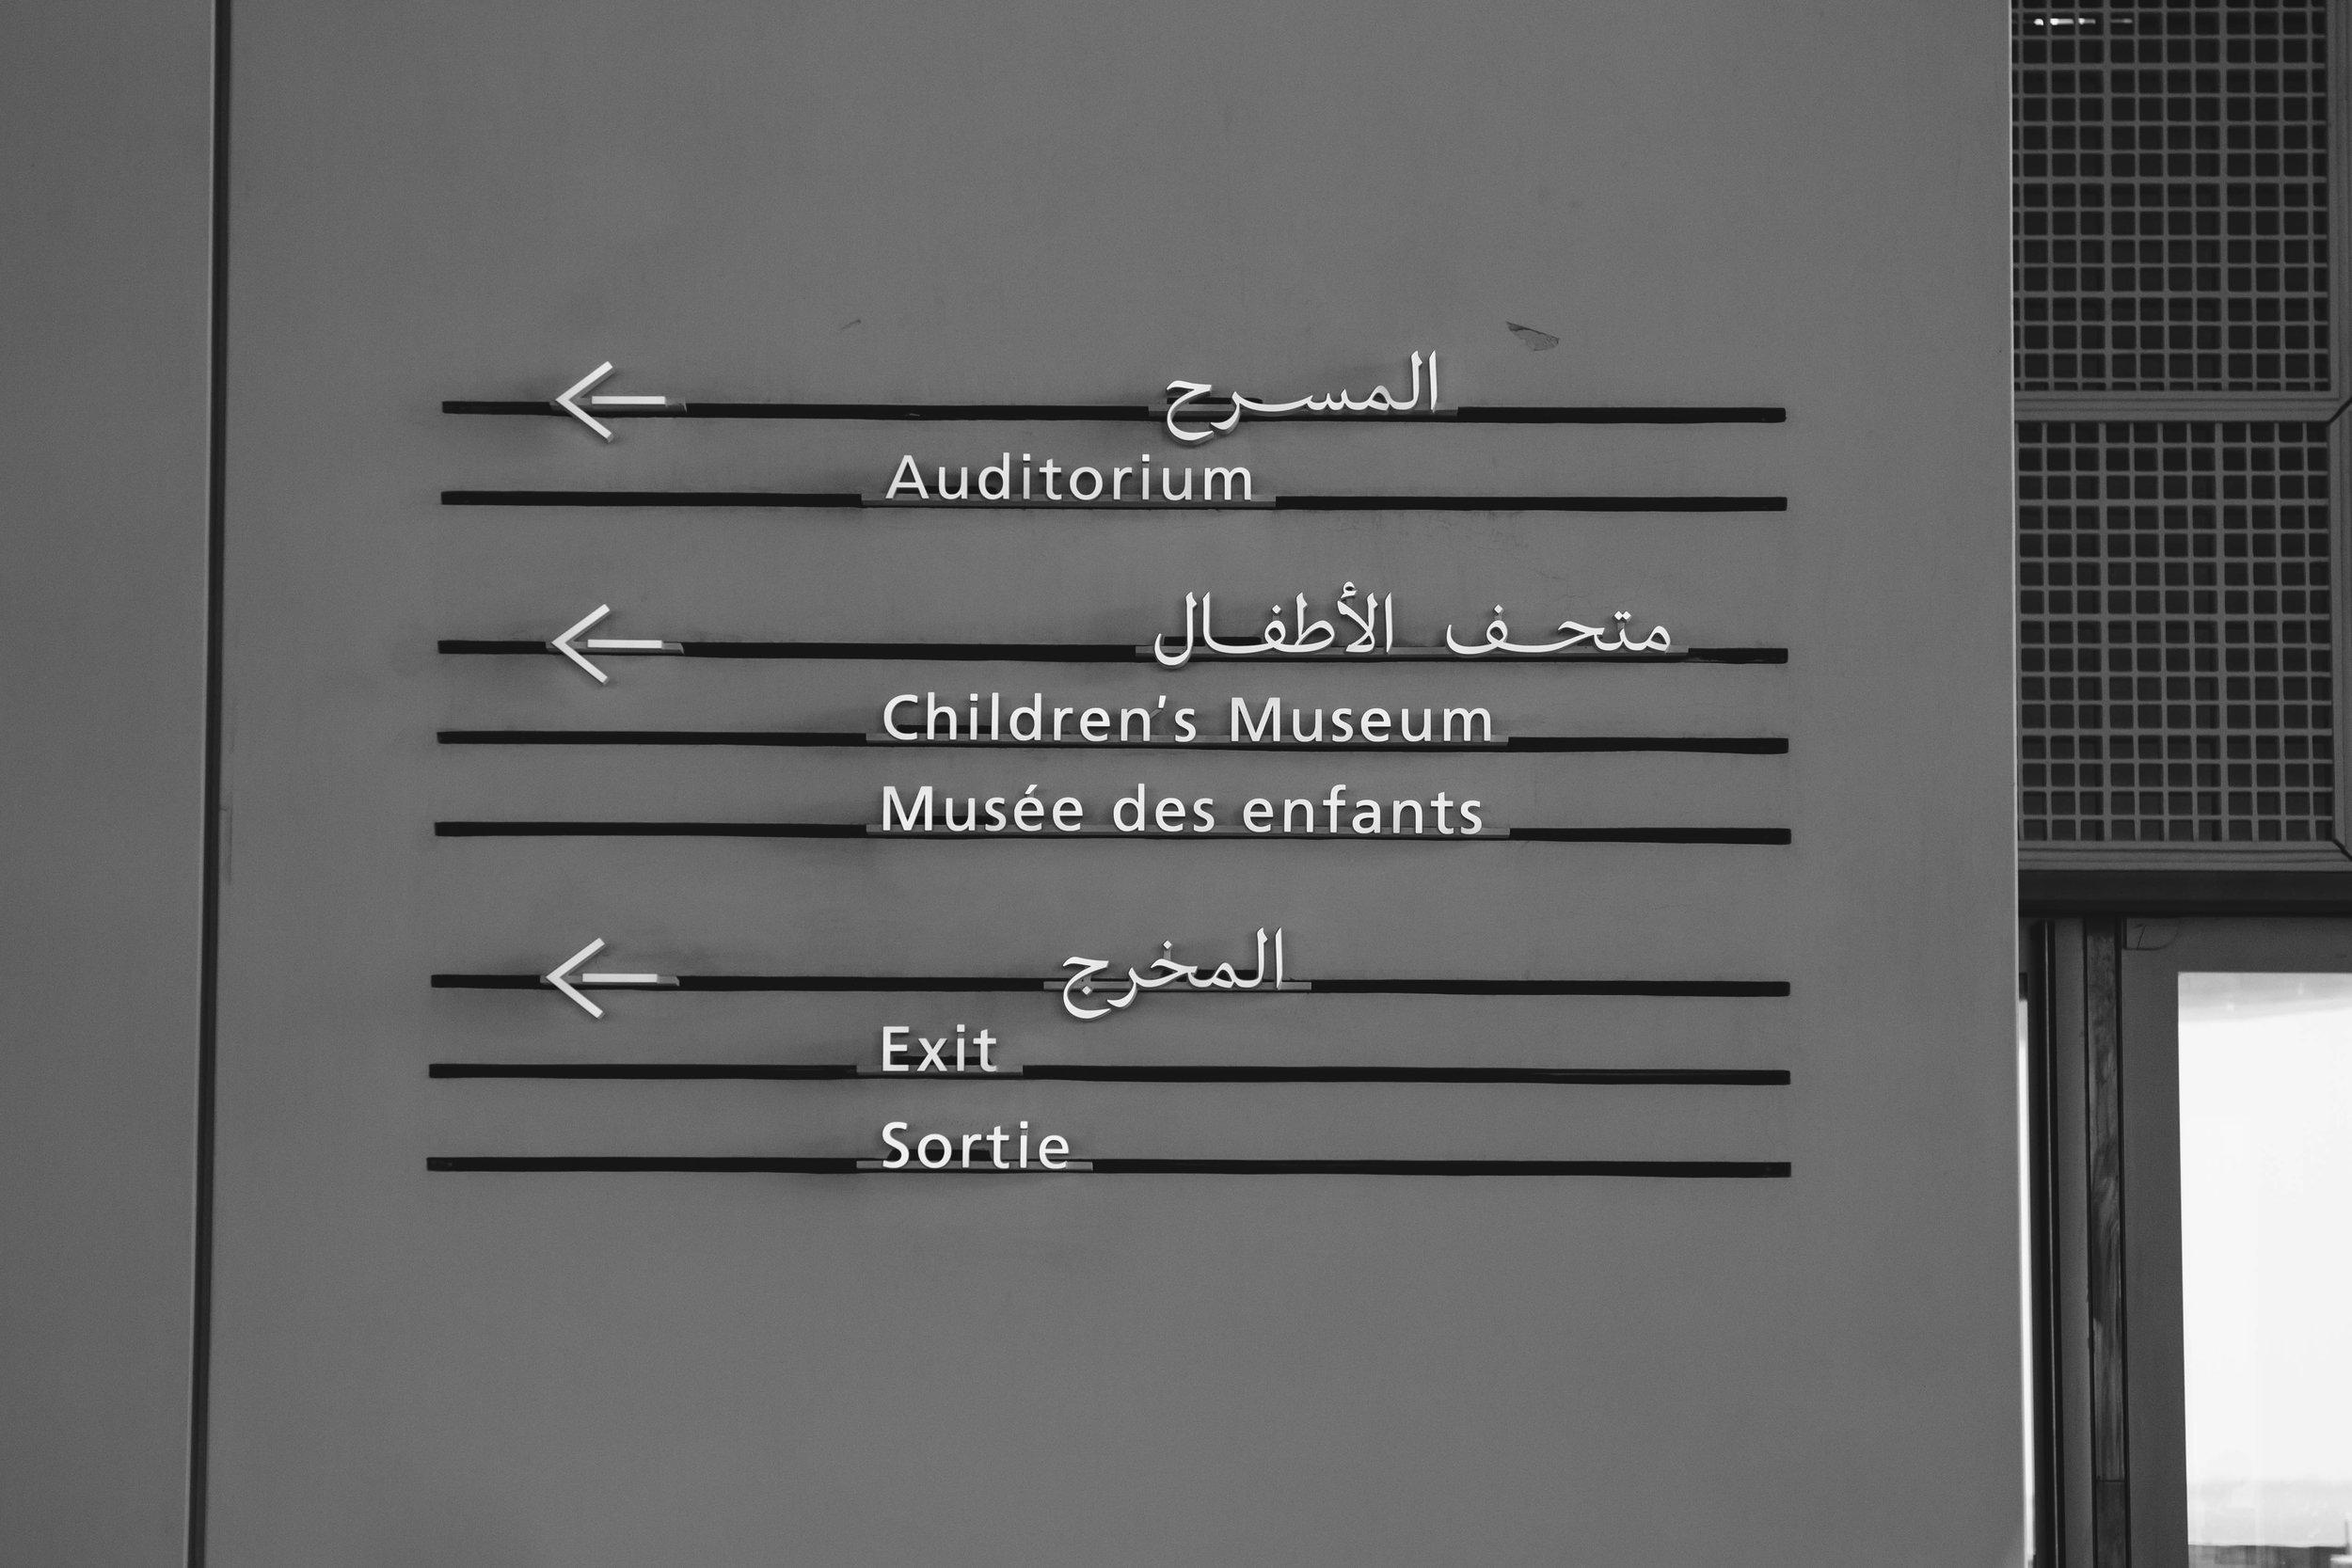 abudhabi_24april19-25.jpg